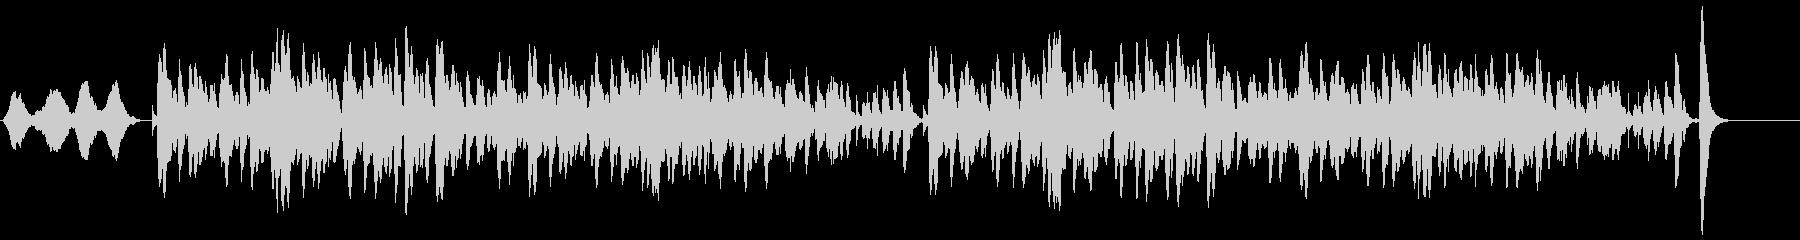 チェロとはじき出されたチェロの音は...の未再生の波形